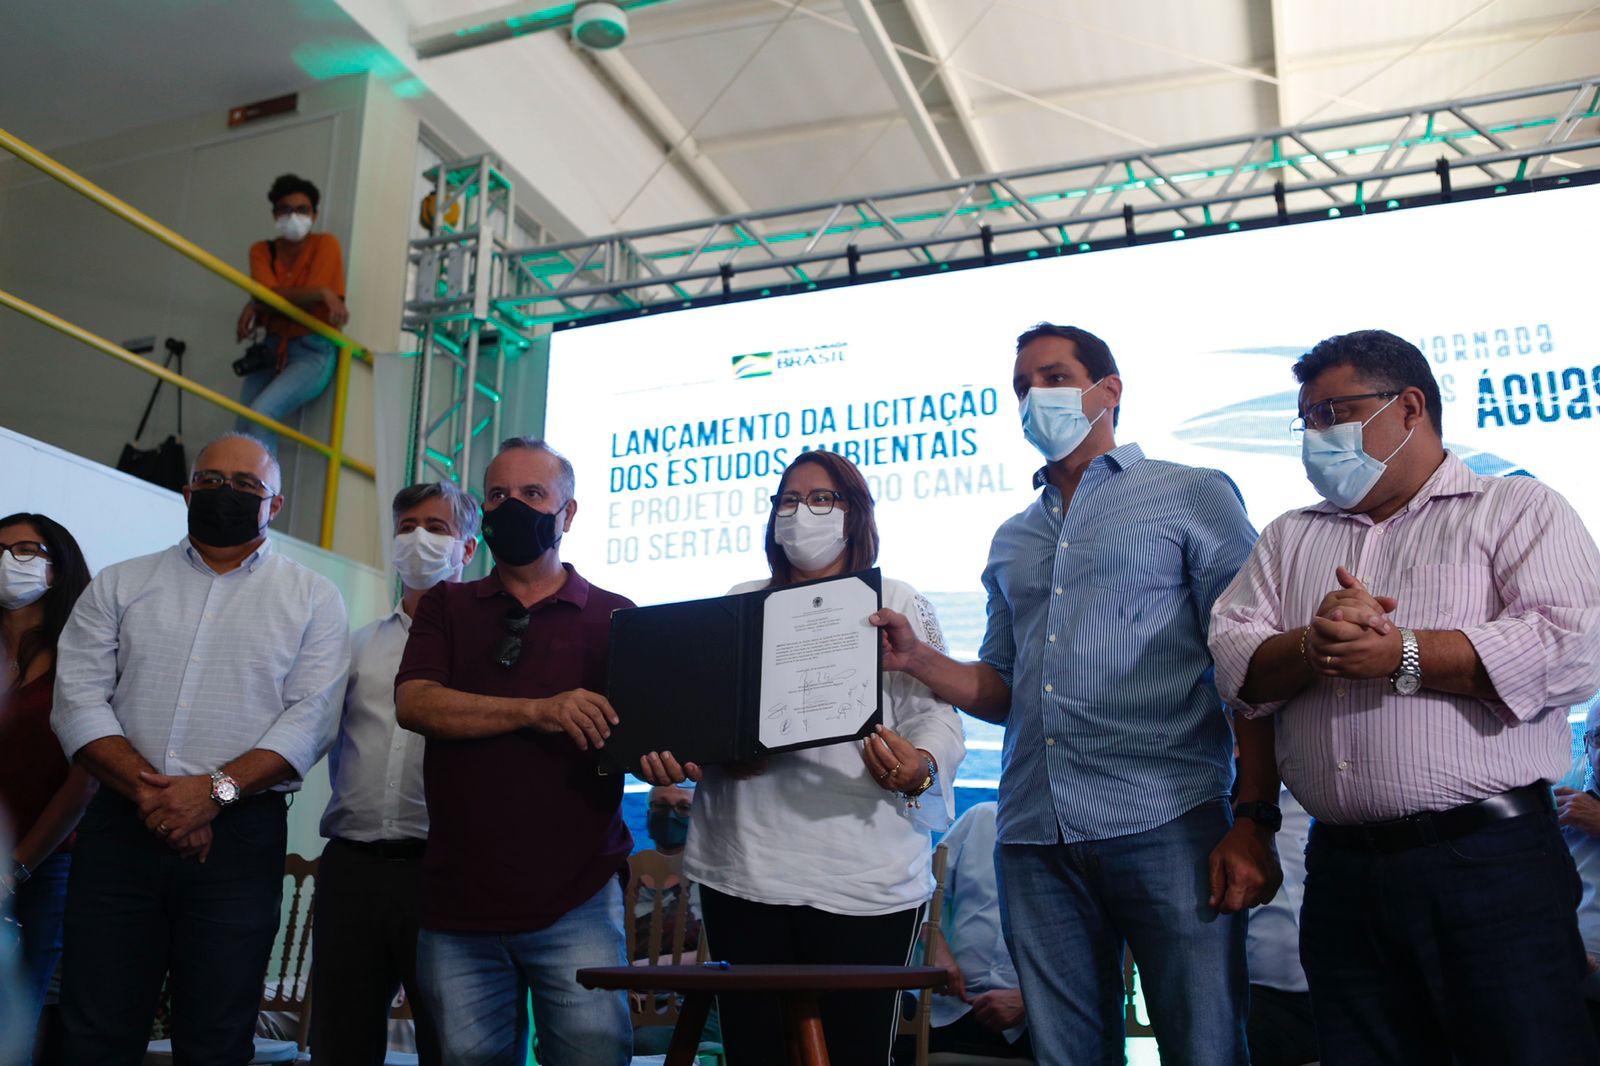 MDR também divulgou, em parceria com a Codevasf, edital para concessão do Perímetro Irrigado do Baixio do Irecê. Quando concluída, será a maior área irrigada da América Latina